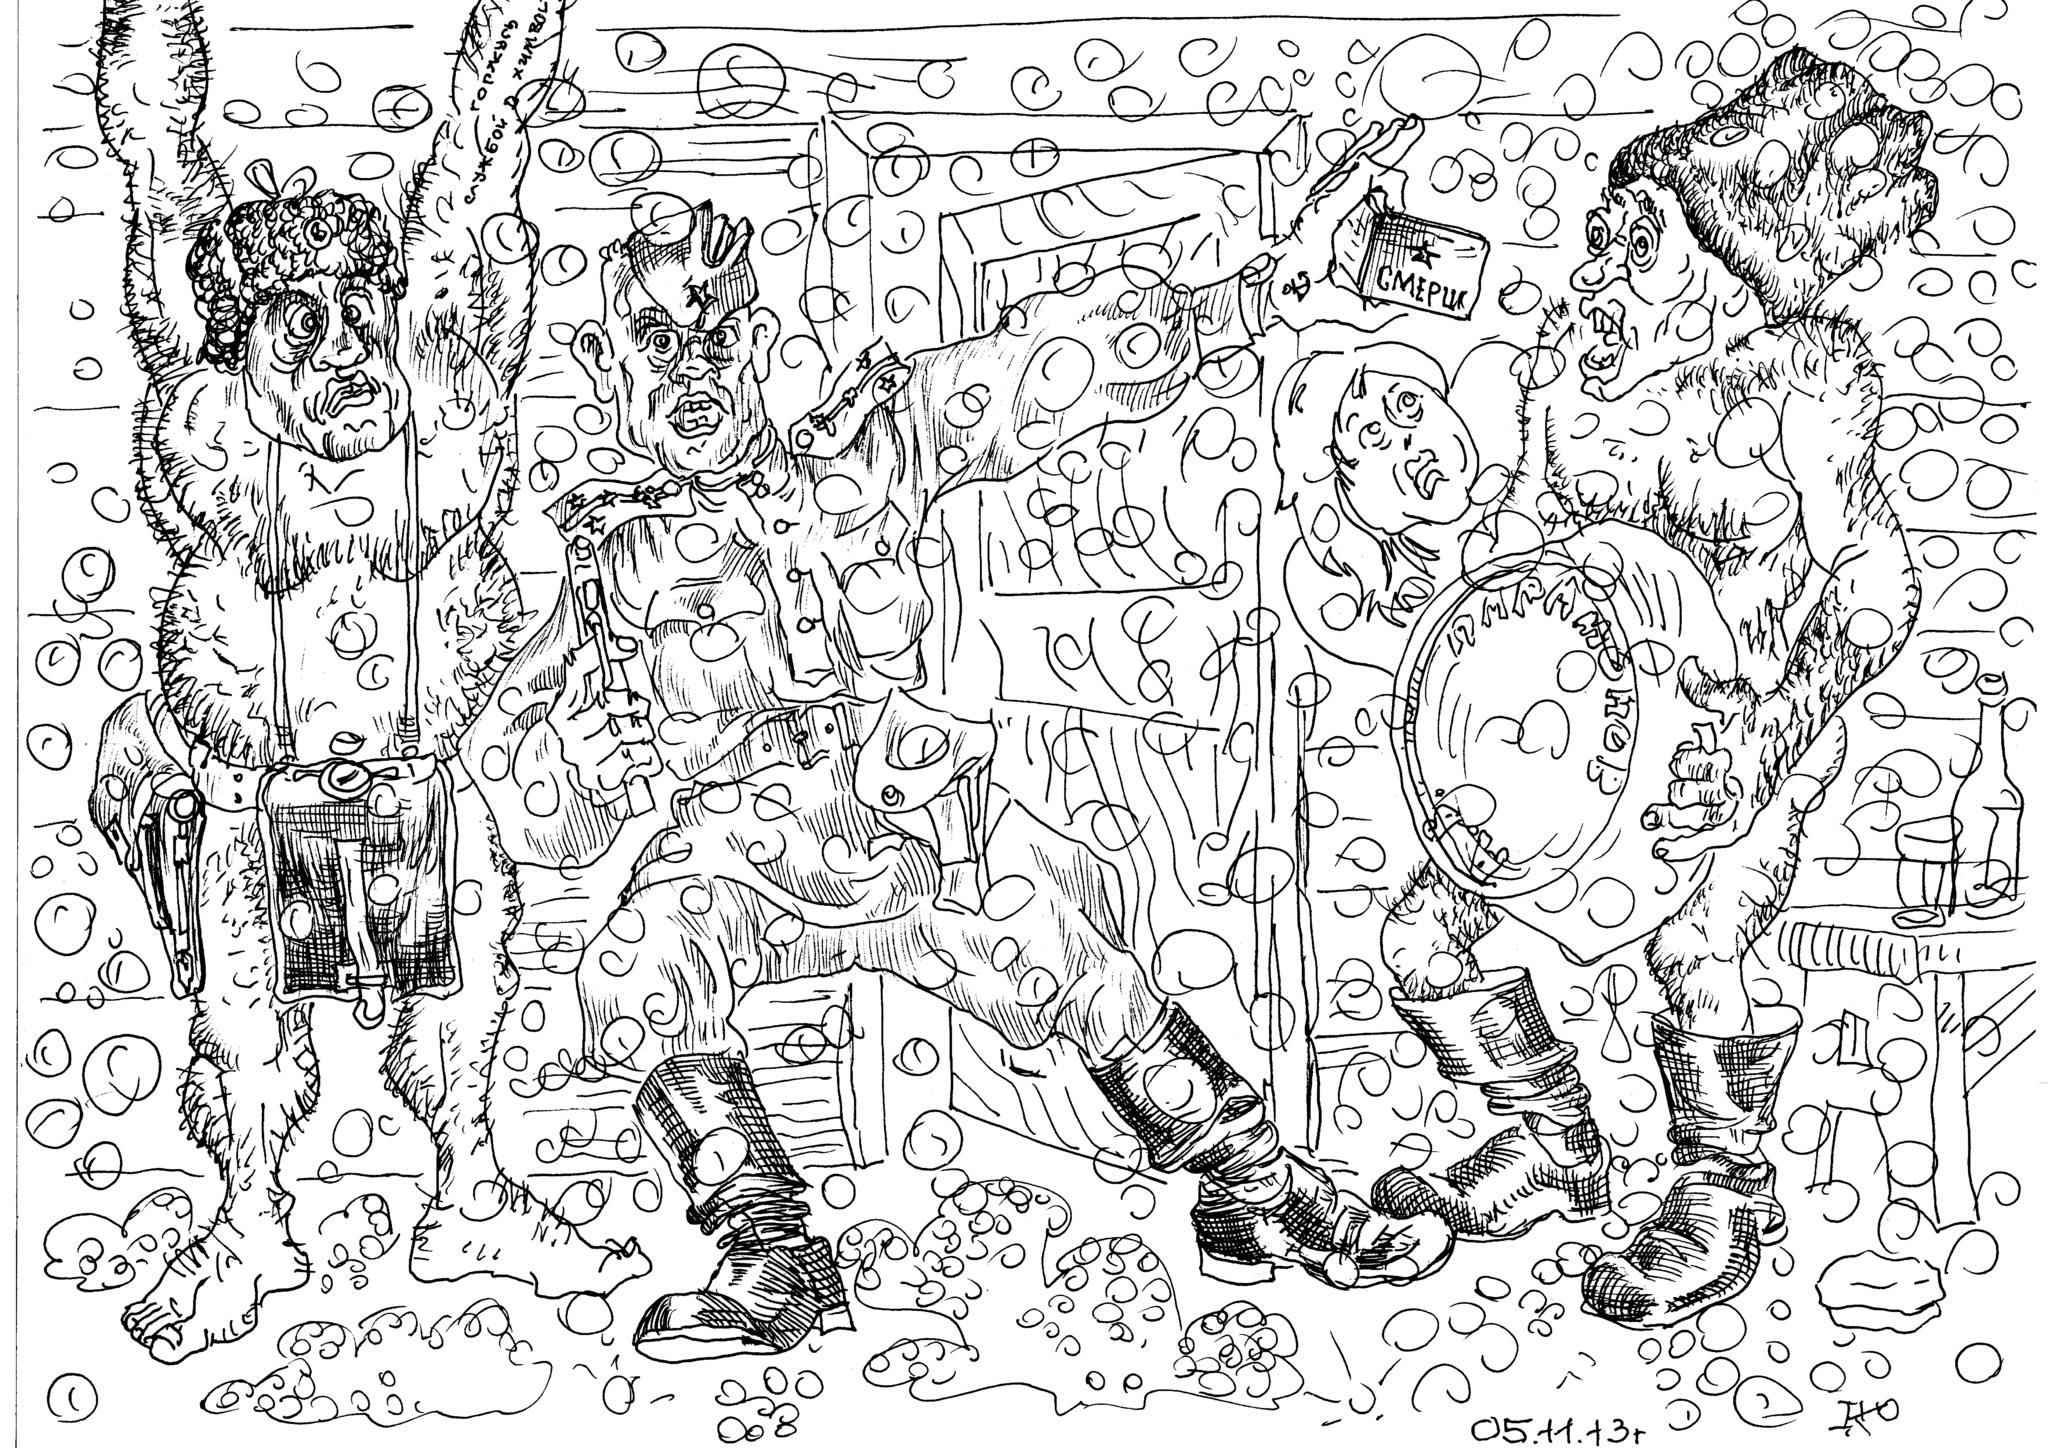 Пока бойцы сражались с врагом на передовой, абакумовские сотрудники СМЕРШ искореняли скверну внутри страны